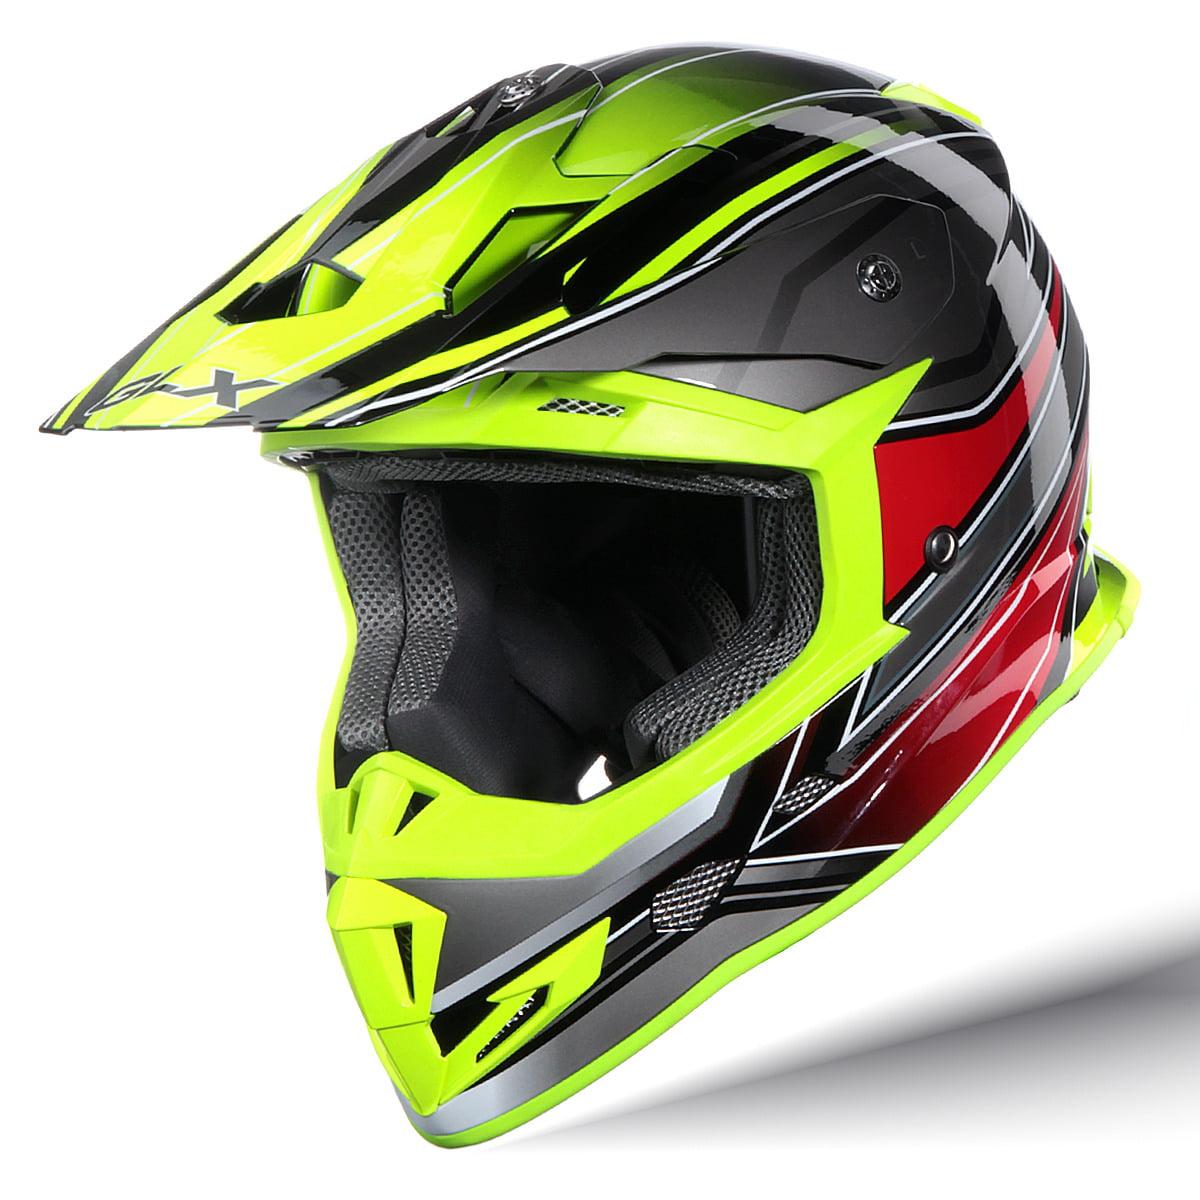 GLX Adult Off Road MX Motocross ATV Dirt Bike Helmet DOT Approved (M)